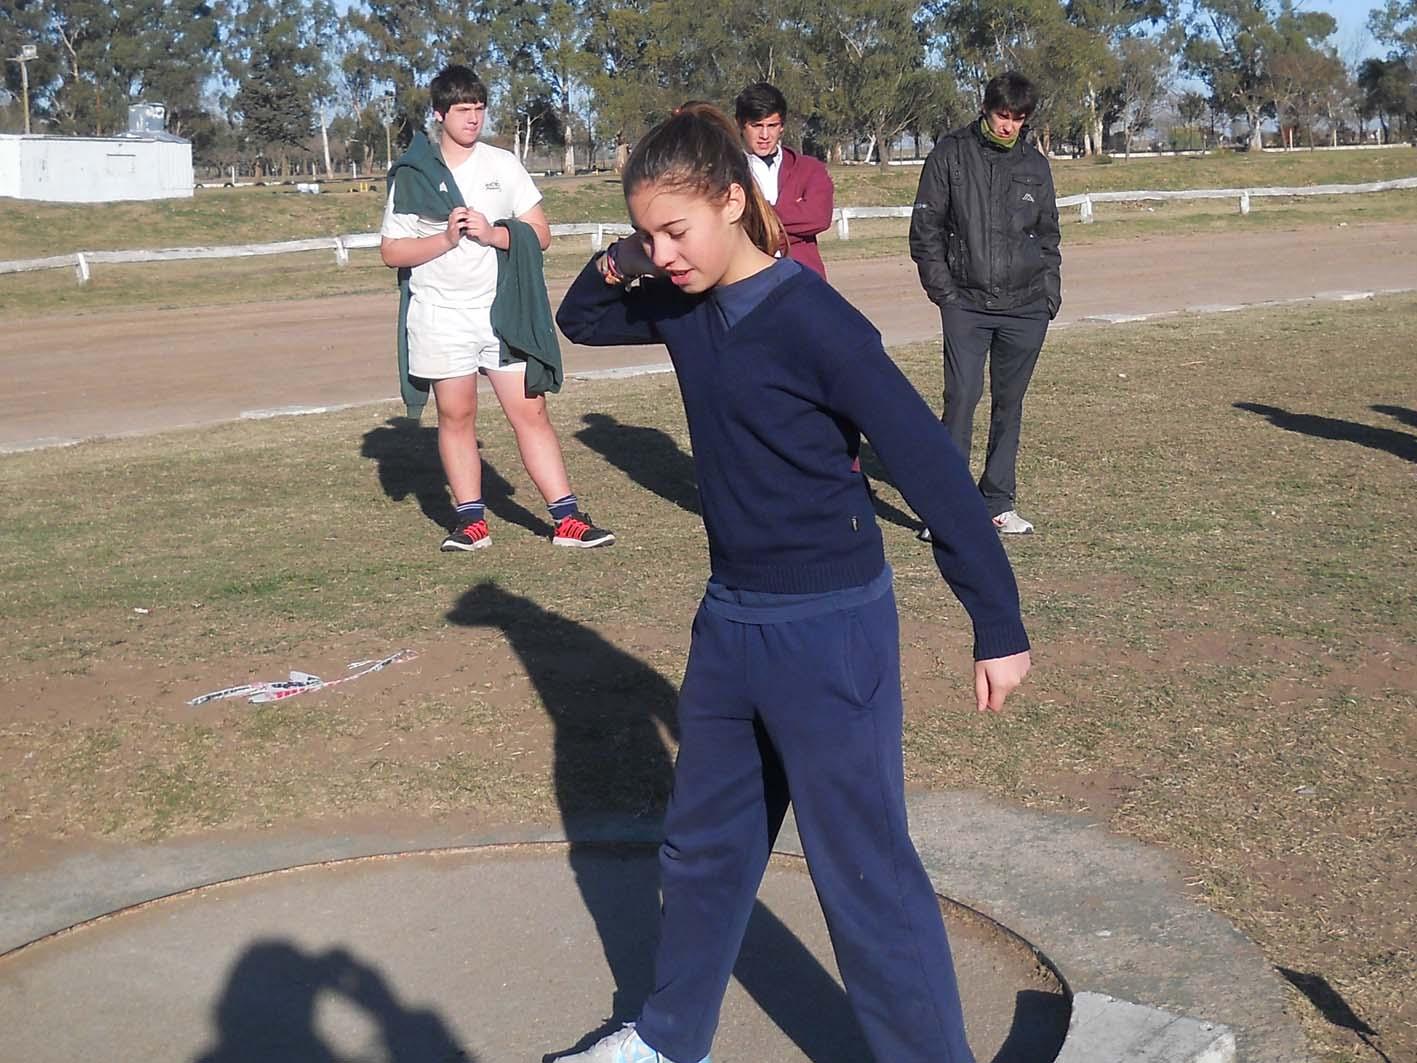 Juegos BA - atletismo distrital - junio 2015 (5)